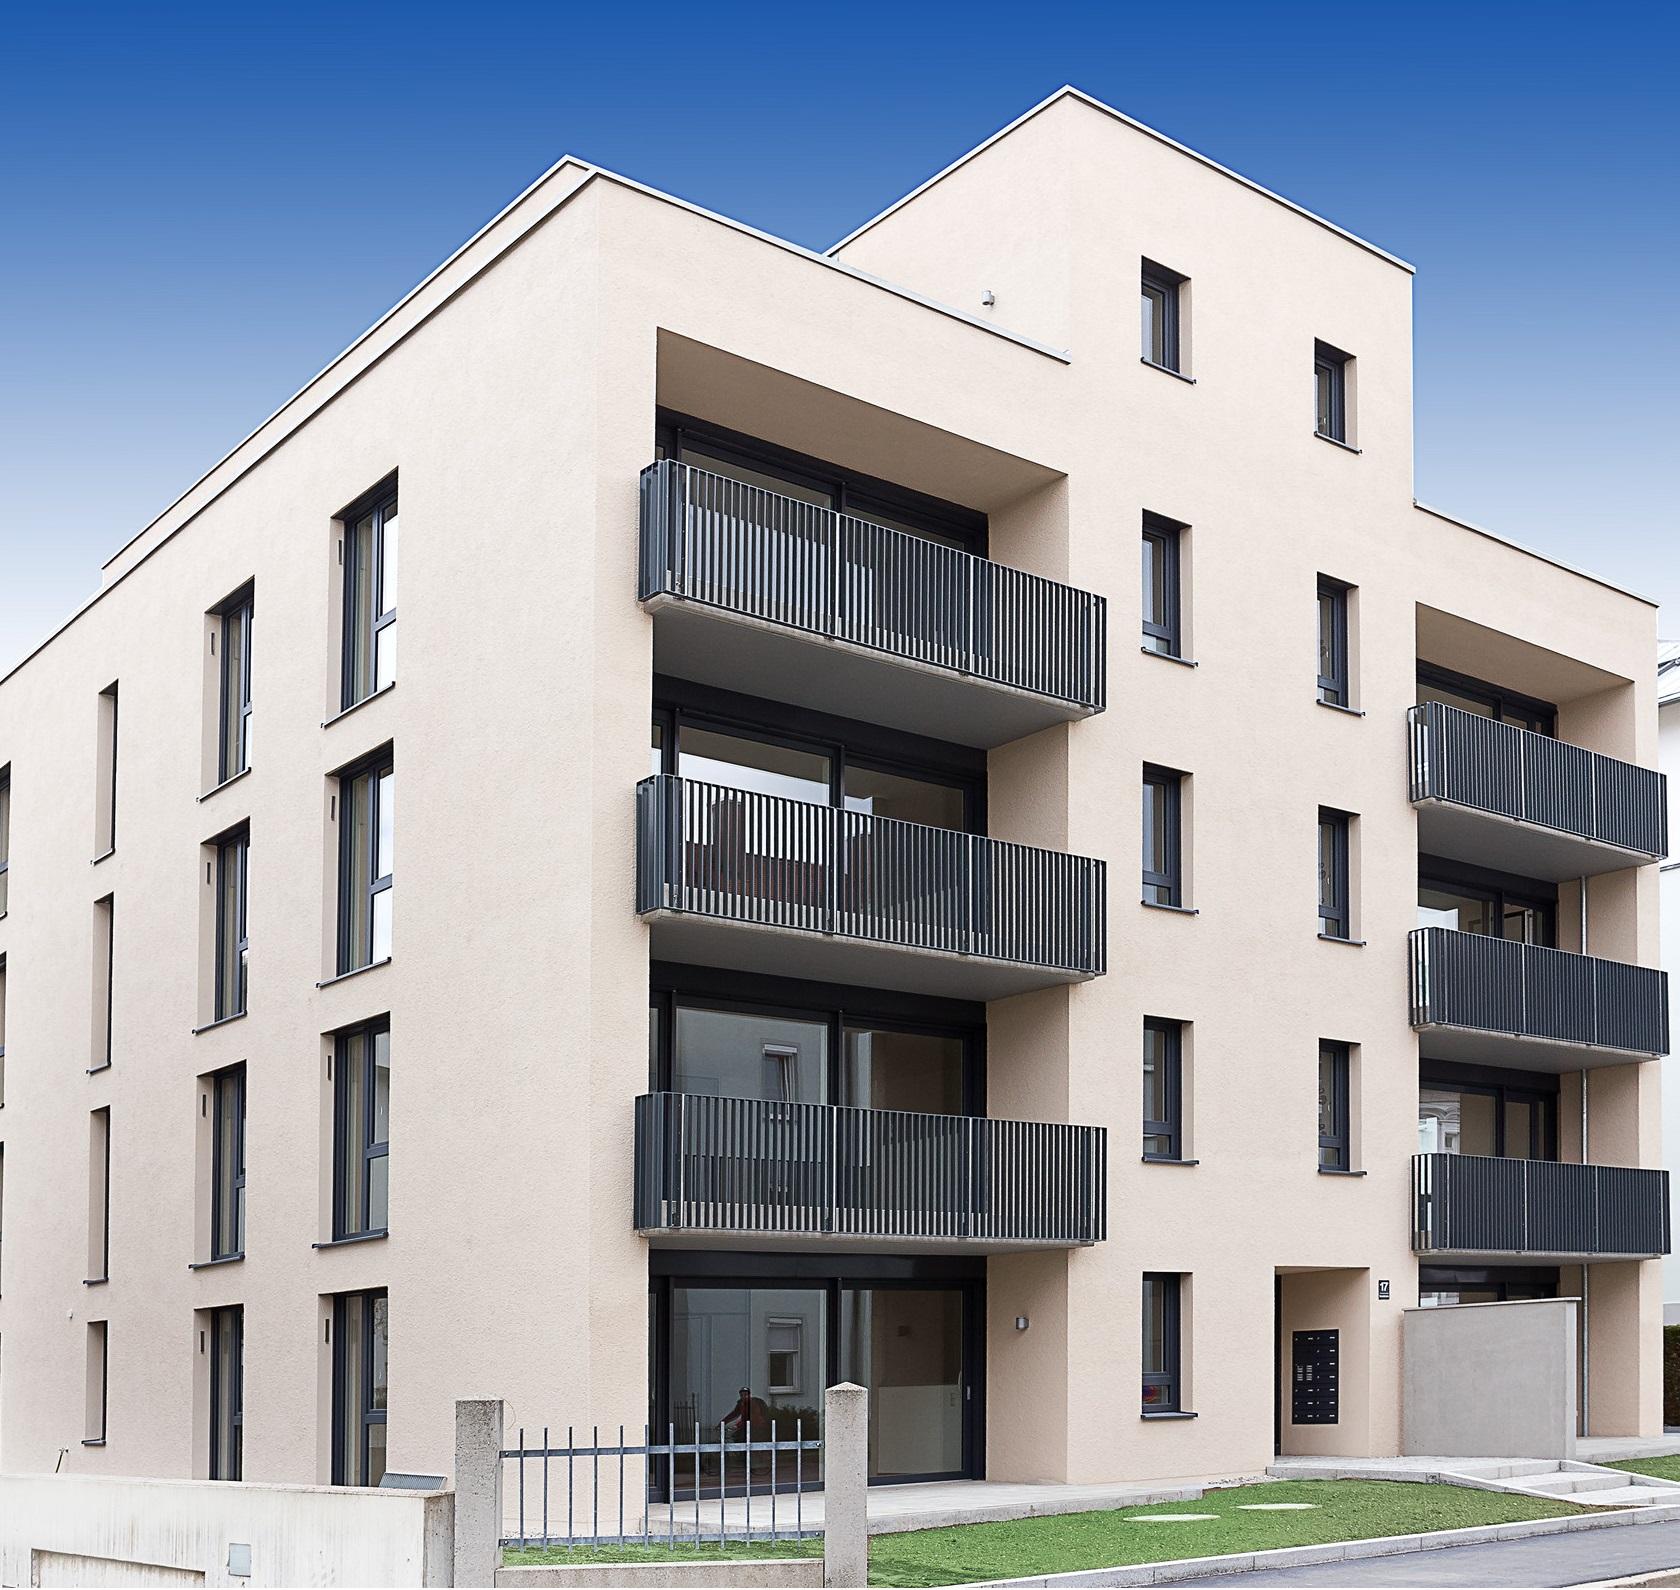 Berz Architekten: Neubau Mehrfamilienhaus 11 Wohnungen | Berz ...